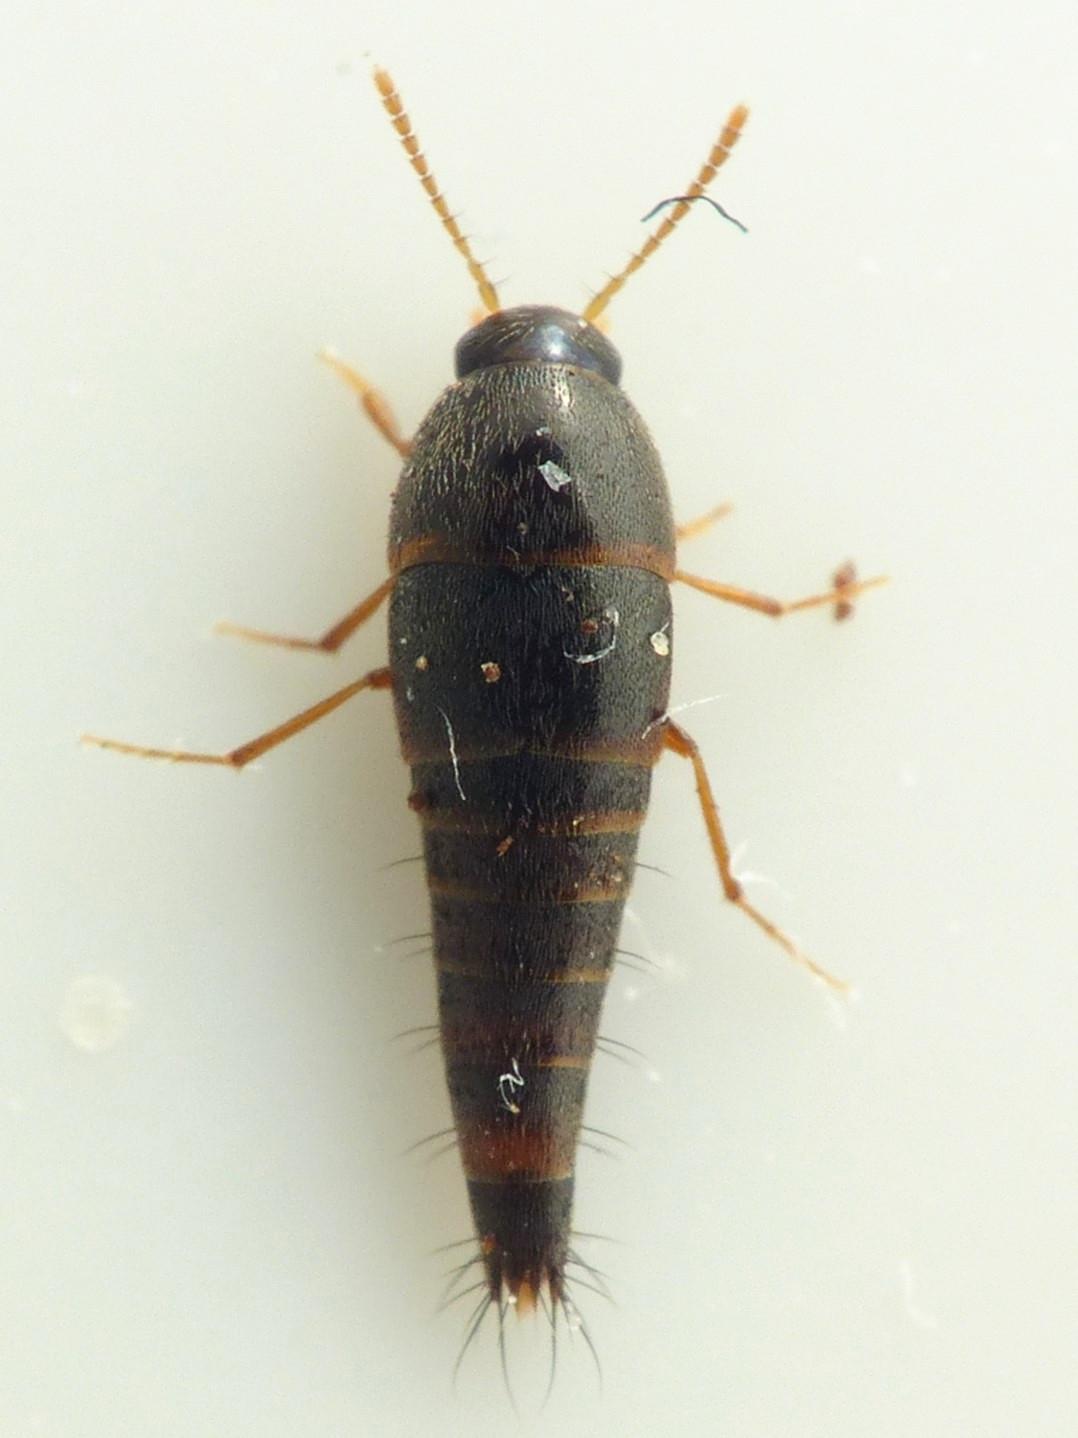 Sepedophilus pedicularius